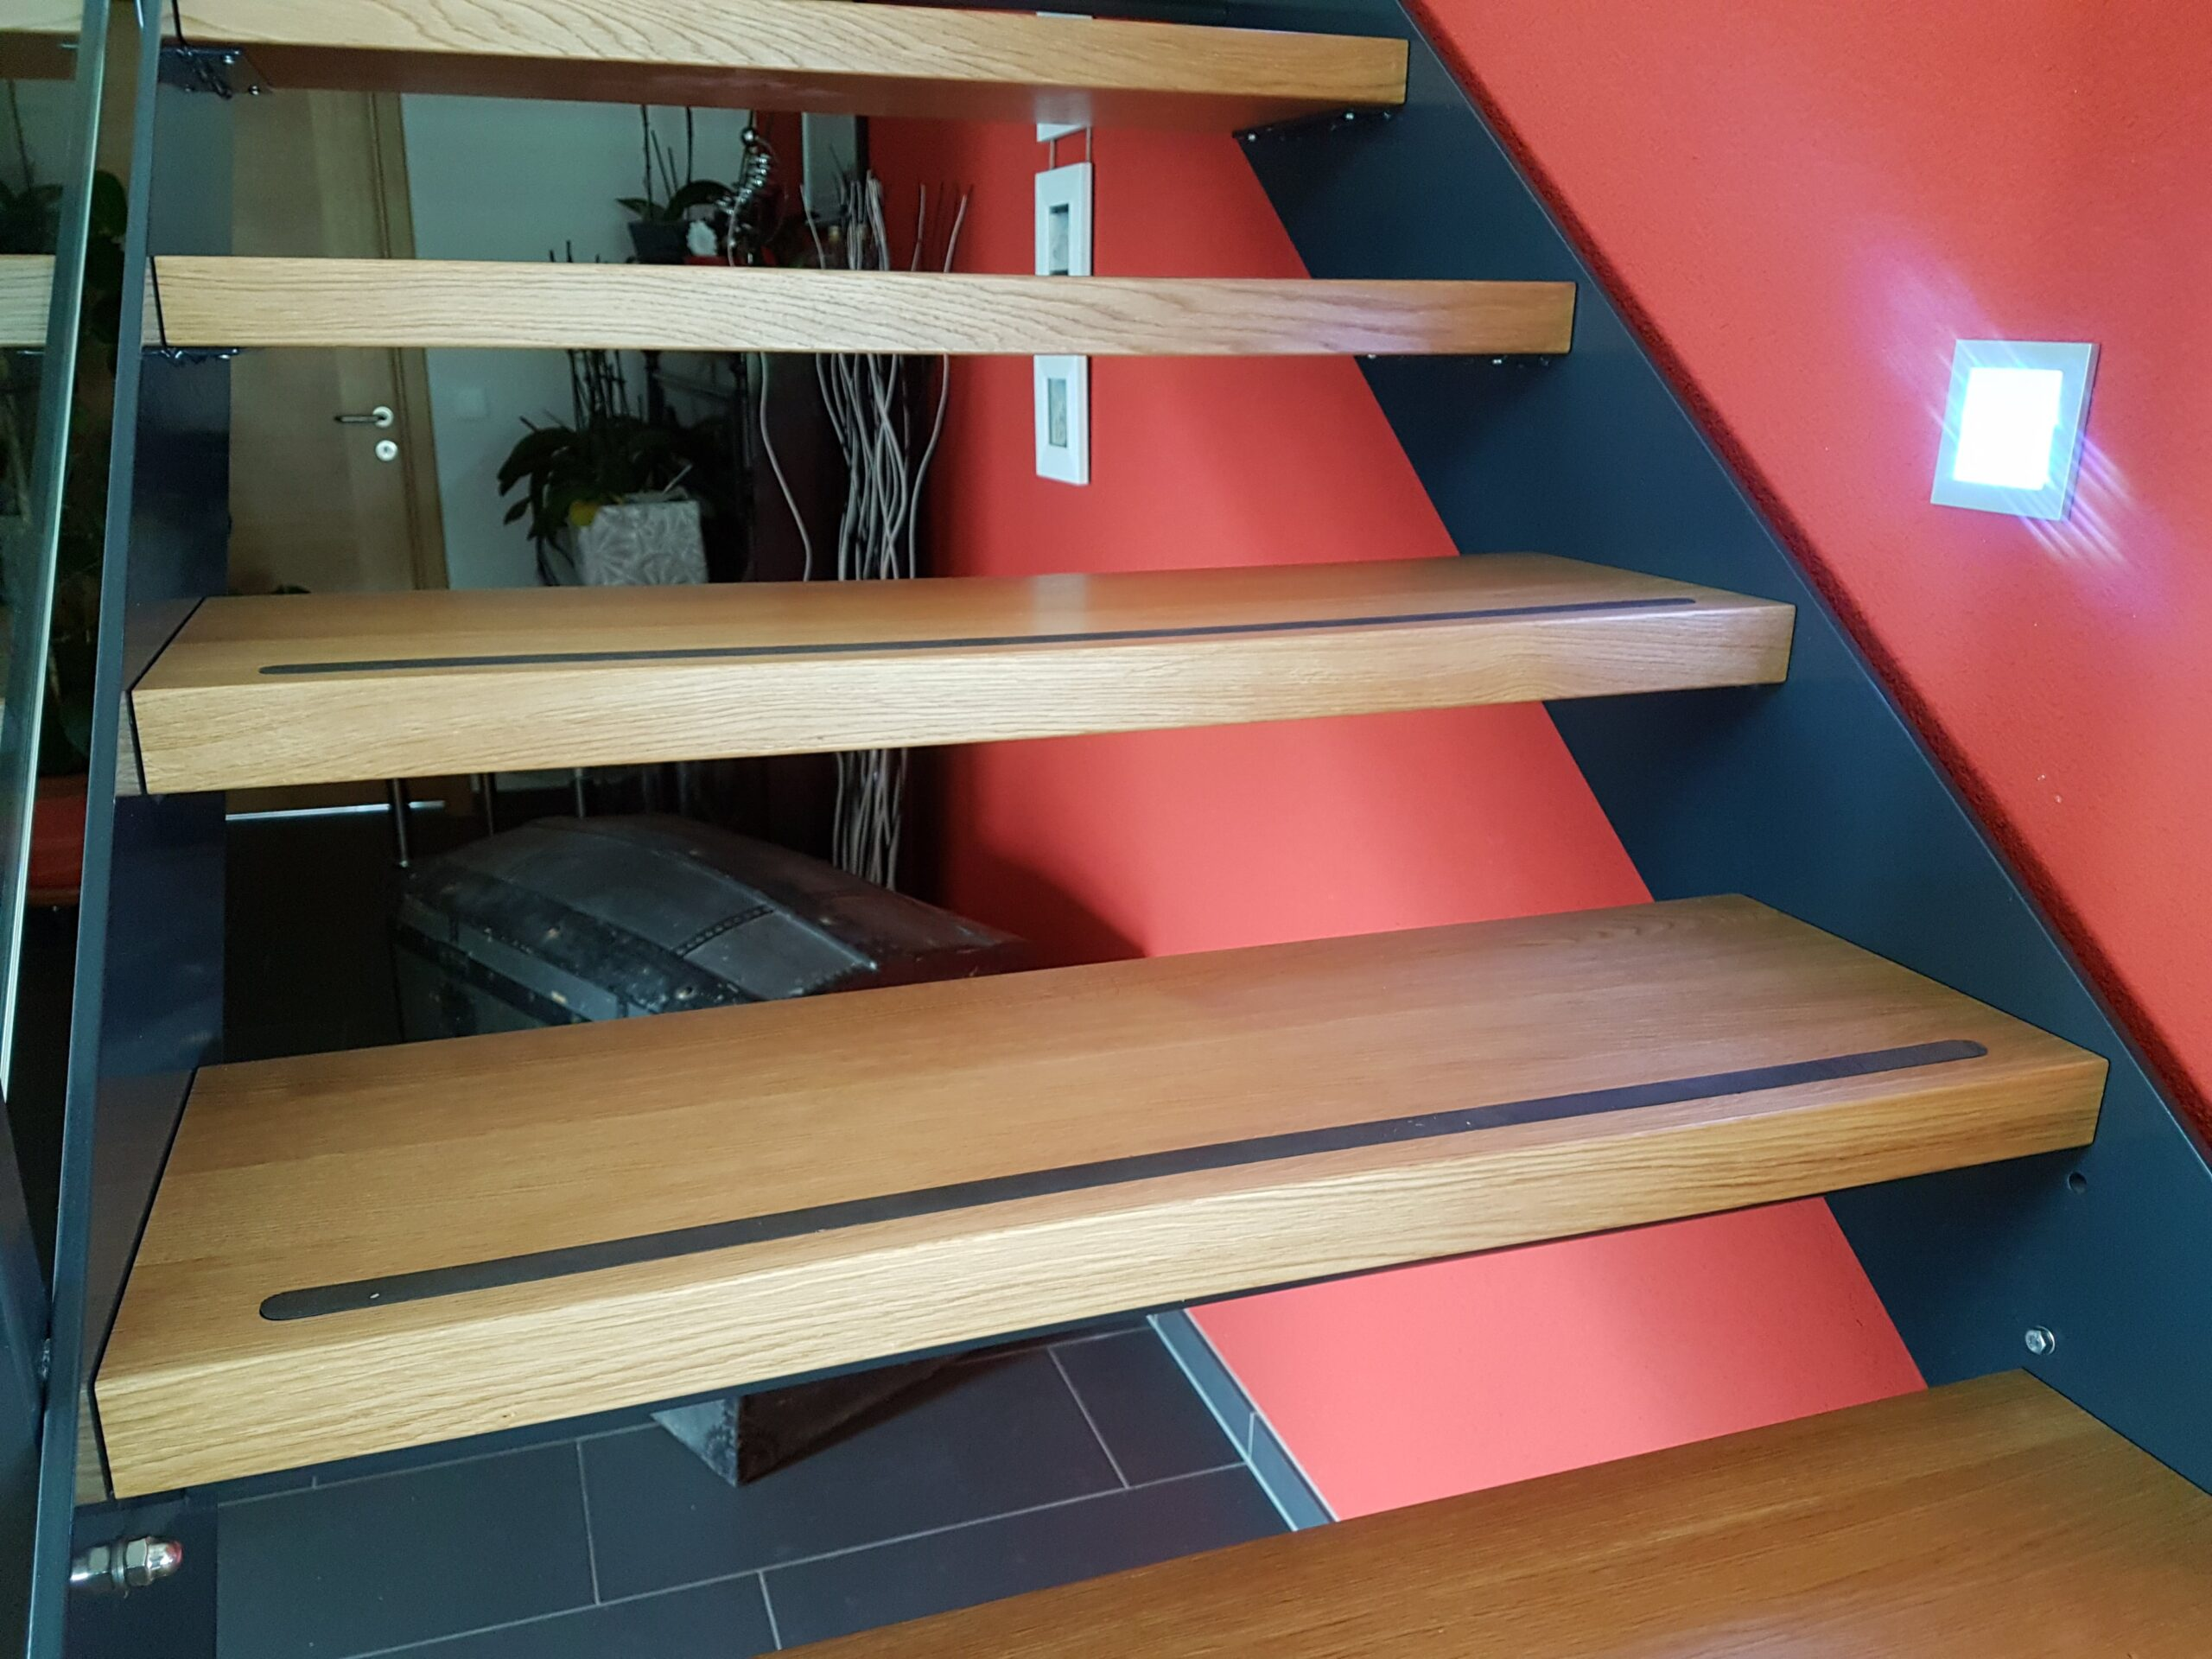 Wooddesign_Treppen_Teppengeländer_Holztreppen_Treppenverkleidung_Stahltreppe mit Holztritte Glasgeländer (4)-min